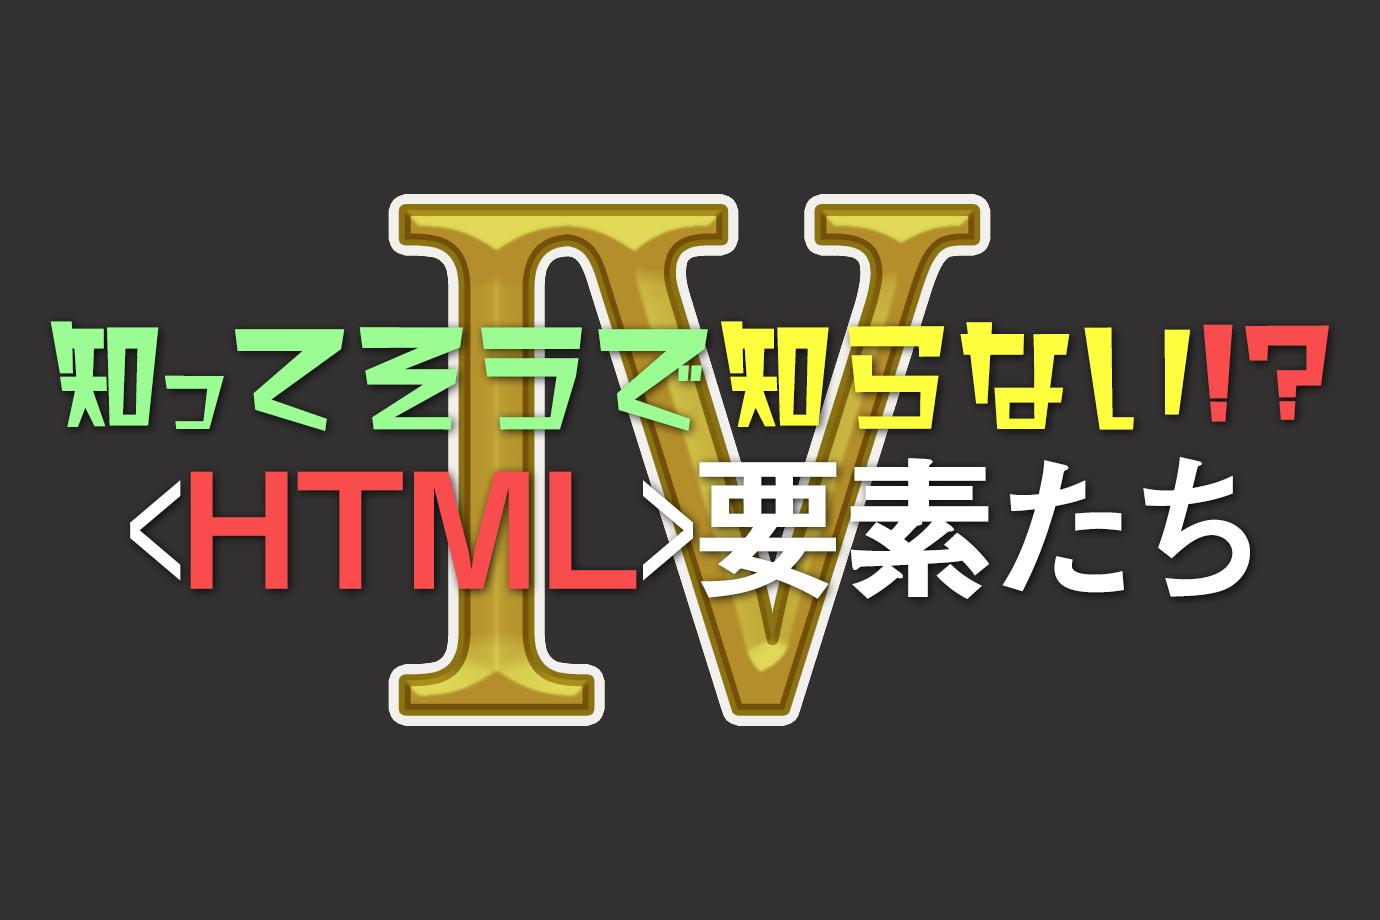 知ってそうで知らない!?HTML要素たち4